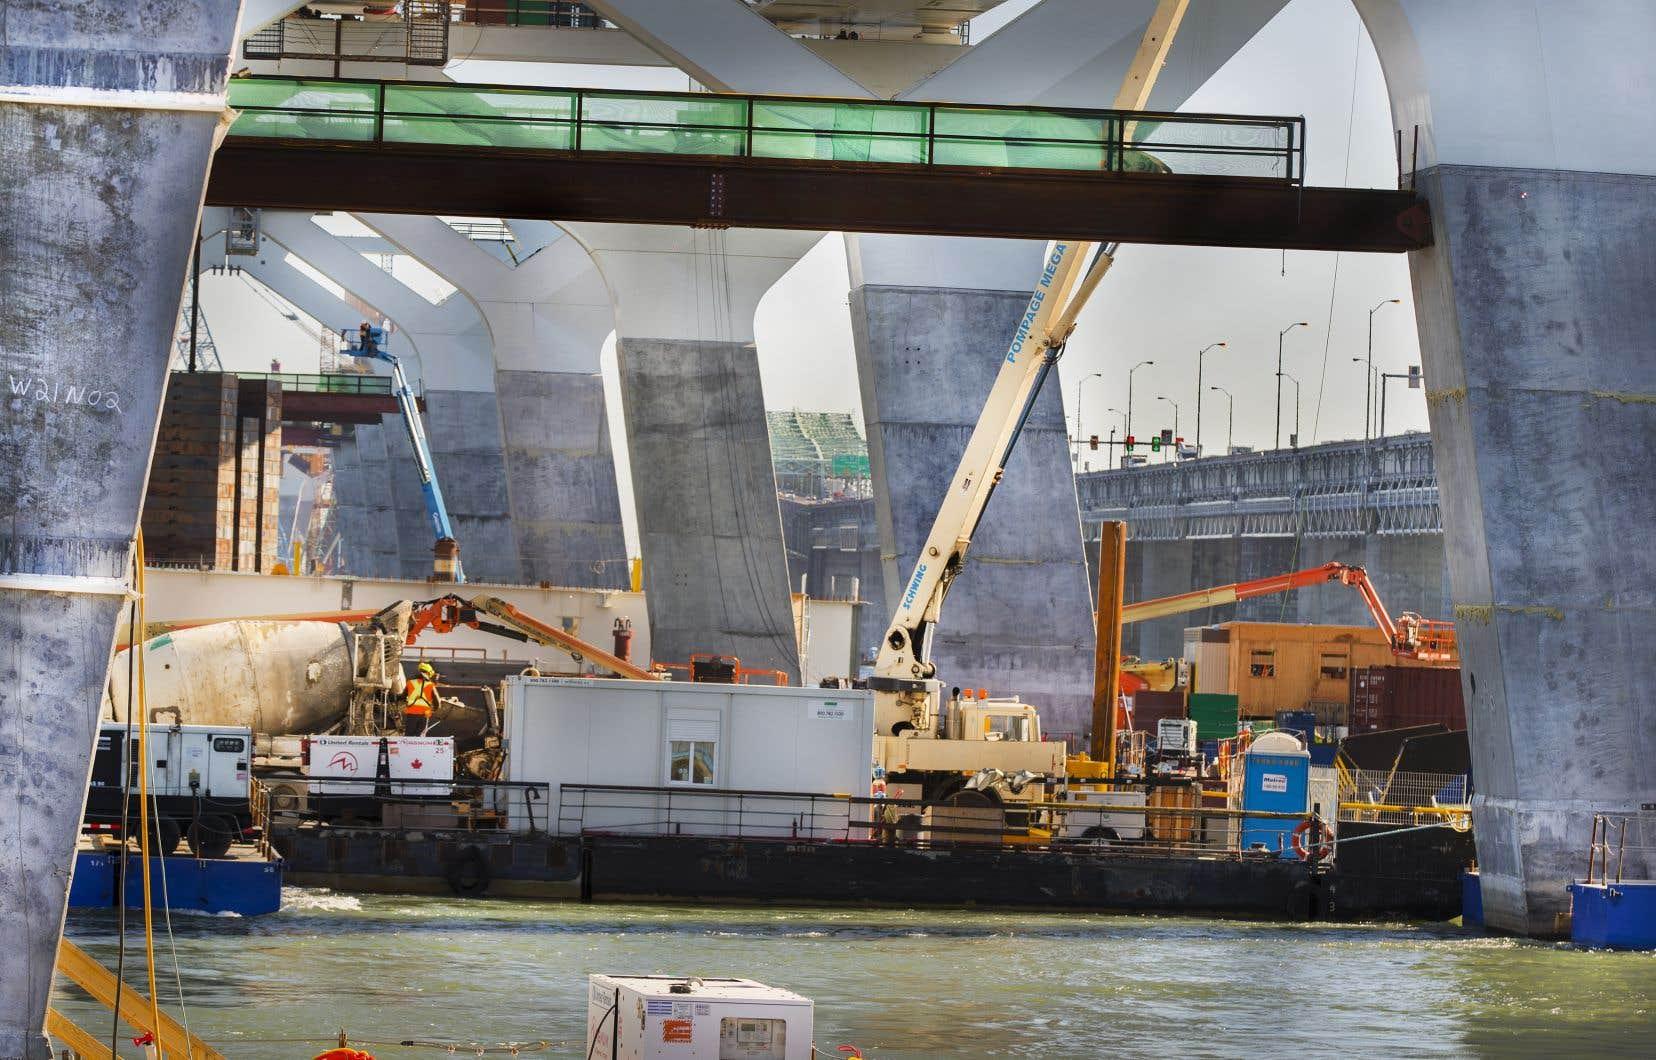 Les travaux du nouveau pont Champlain qui relie le centre-ville de Montréal à sa rive sud ont commencé en mai 2015 et doivent normalement prendre fin en décembre 2018.